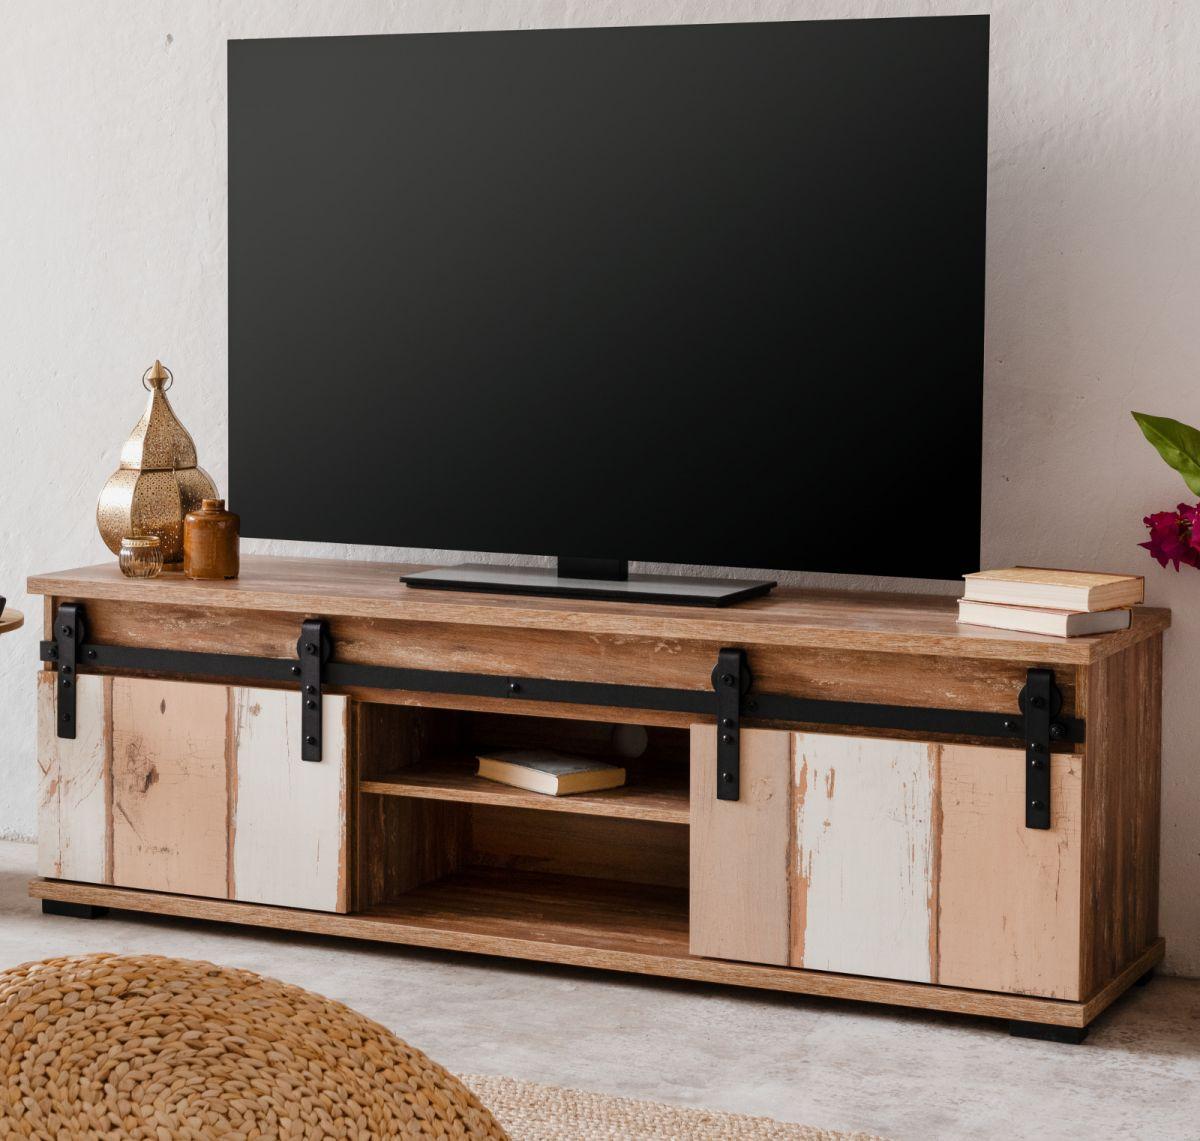 TV-Lowboard Marrakesch Eiche Valhalla 160 x 50 cm